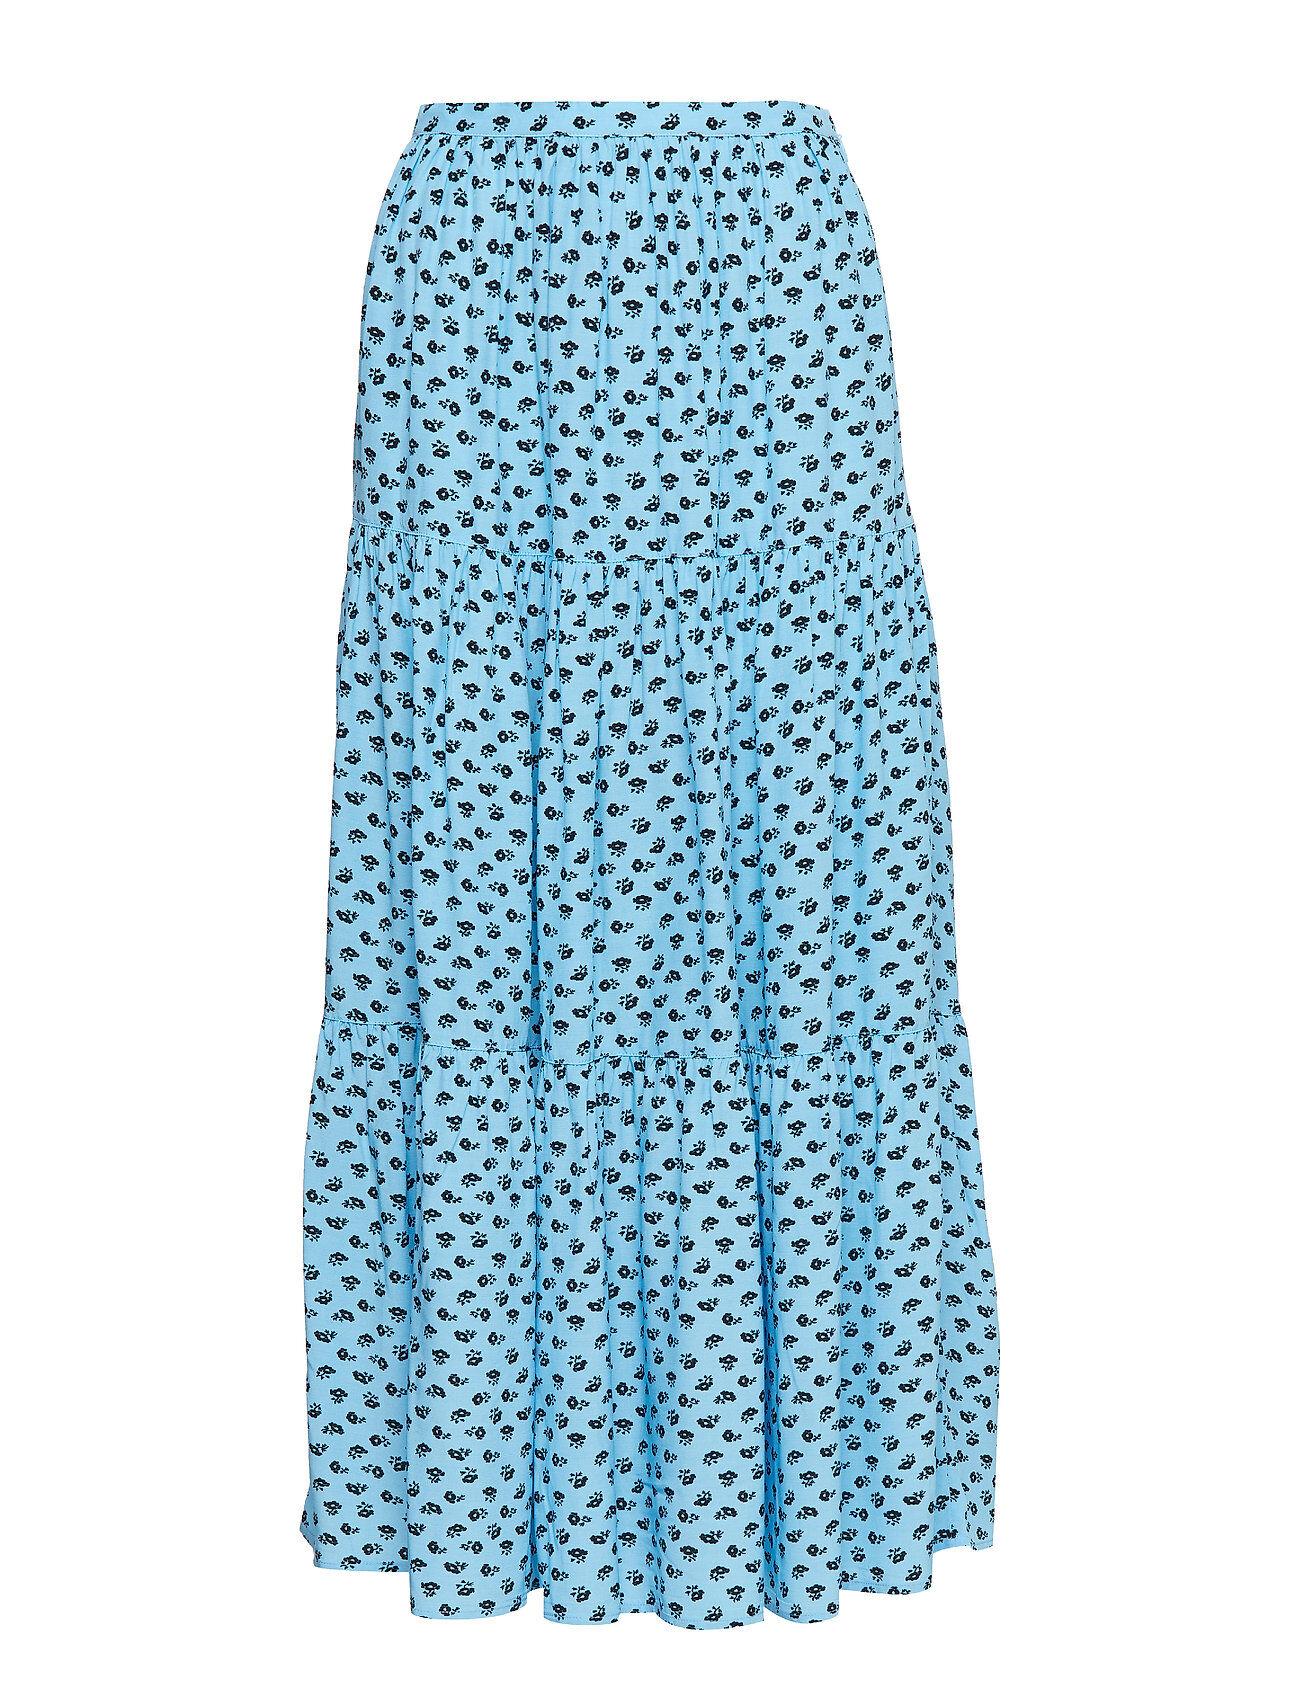 Image of Calvin Gathered Midi Skirt Pitkä Hame Sininen